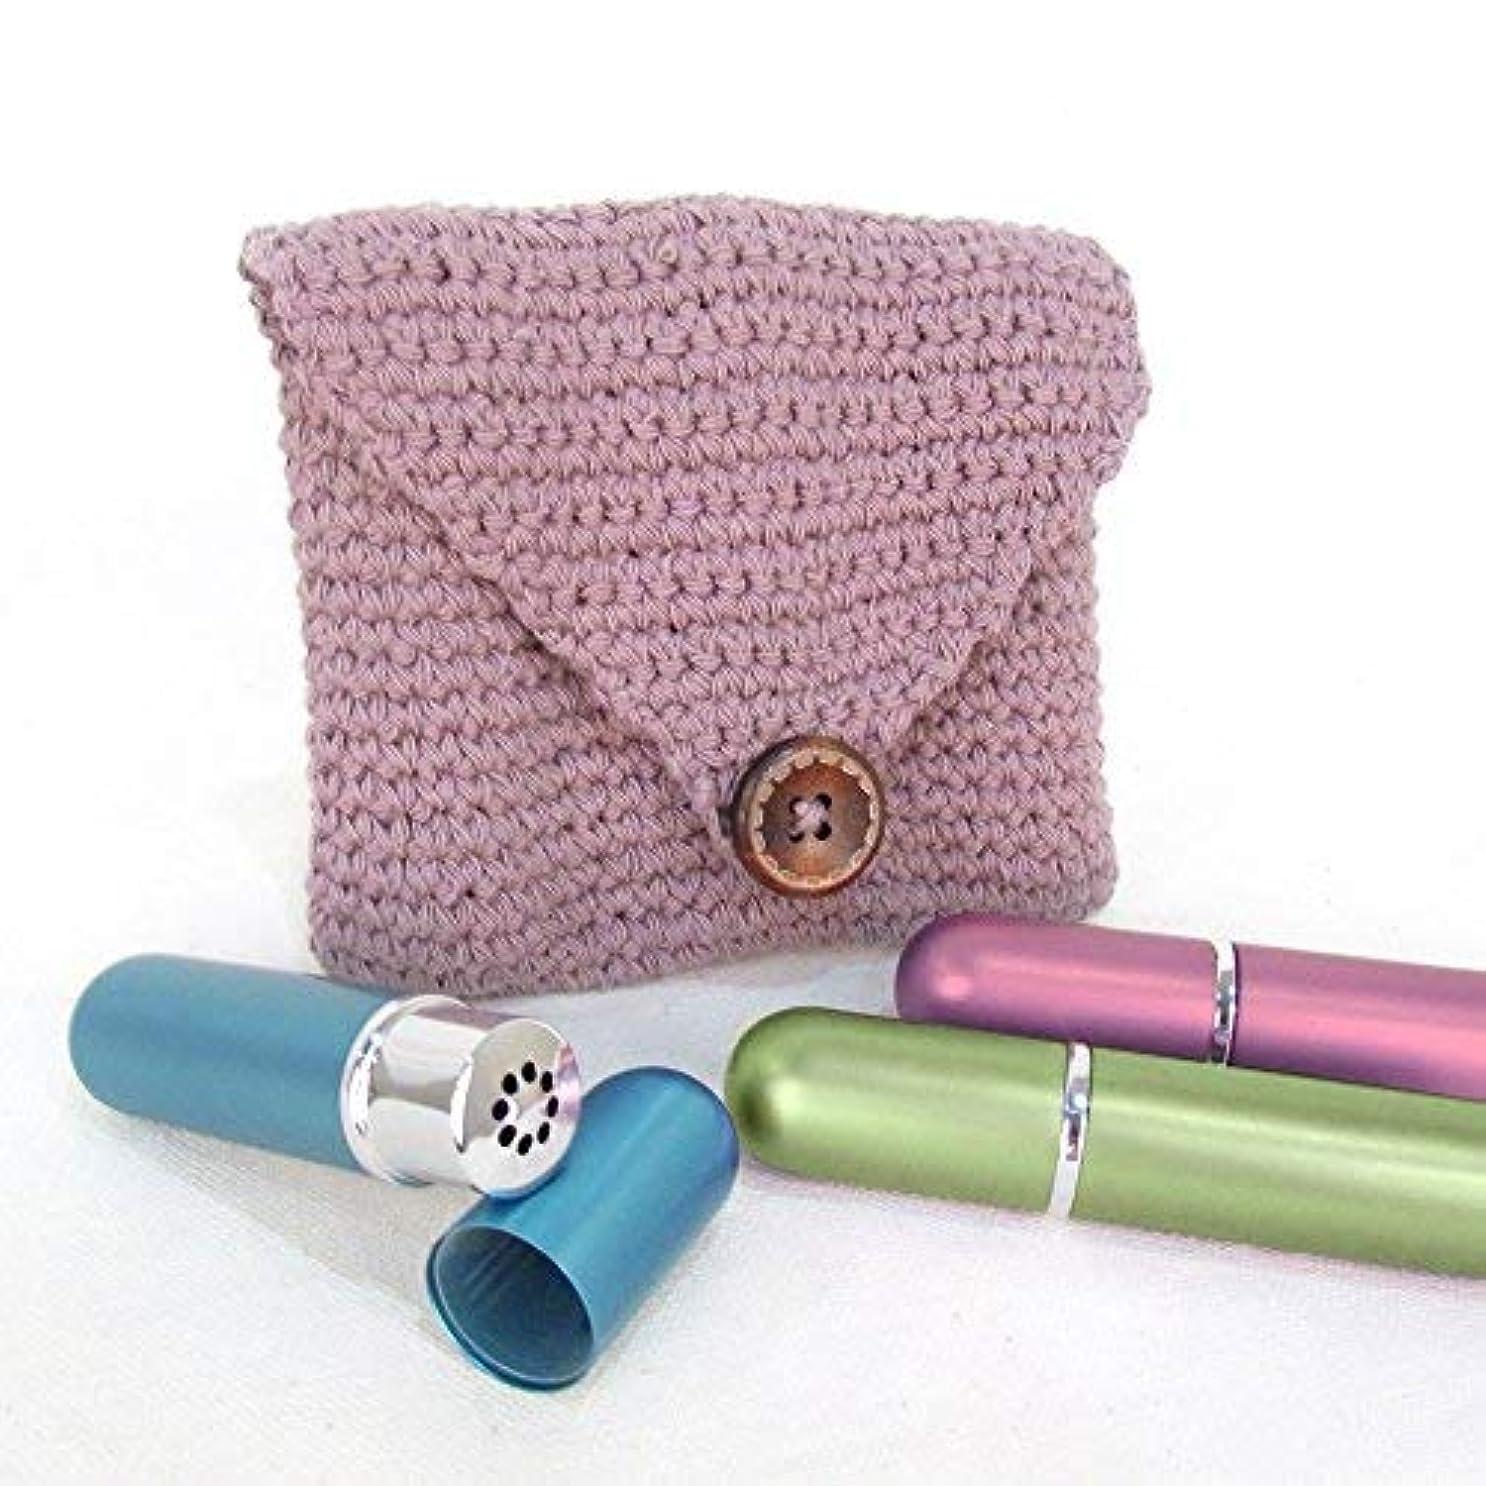 蒸留する遅れオアシスPurple Crochet Case and 3 Empty Essential Oil Aluminum and Glass Refillable Inhalers by Rivertree Life [並行輸入品]